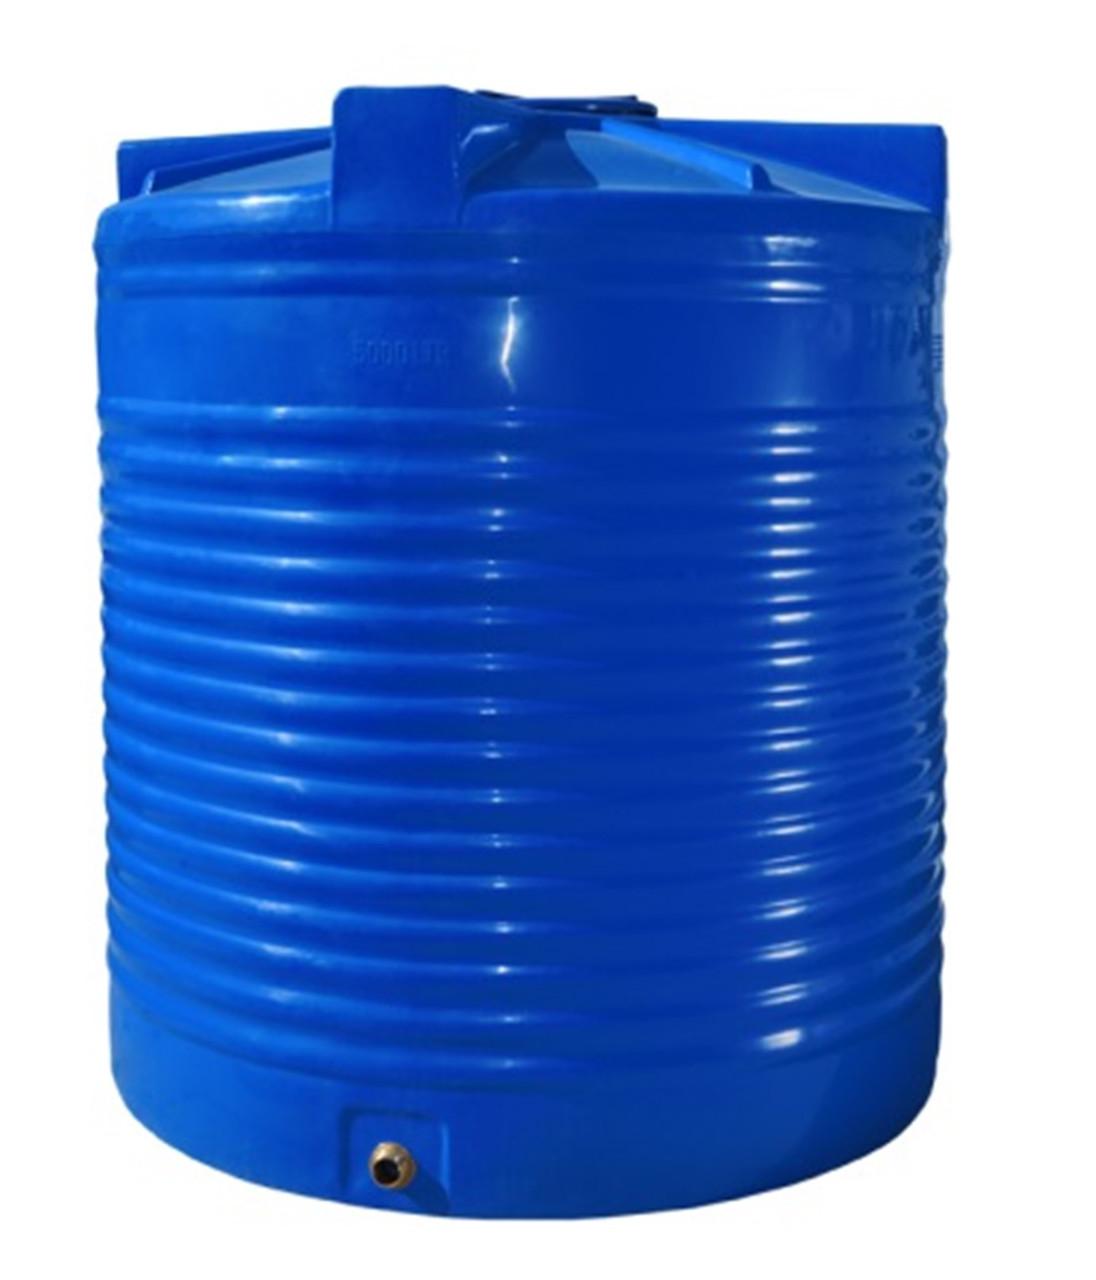 Емкость двухслойная вертикальная R.EURO PLAST RVД 200 (70х66), диаметр люка 35 см, штуцер 1/2''